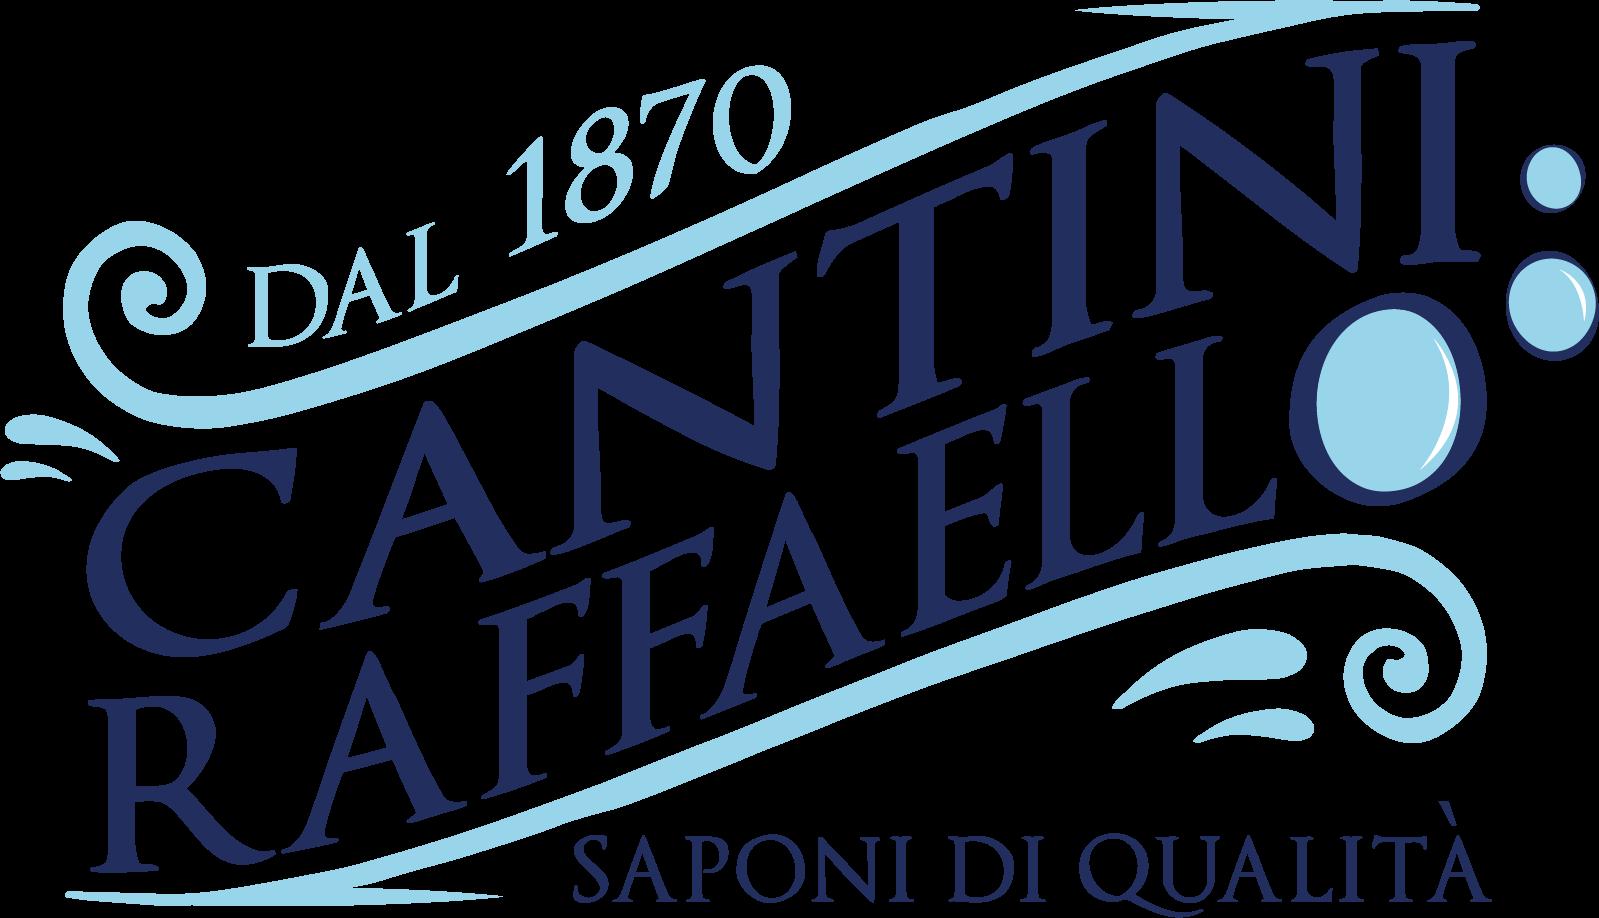 cantiniraffaello.it